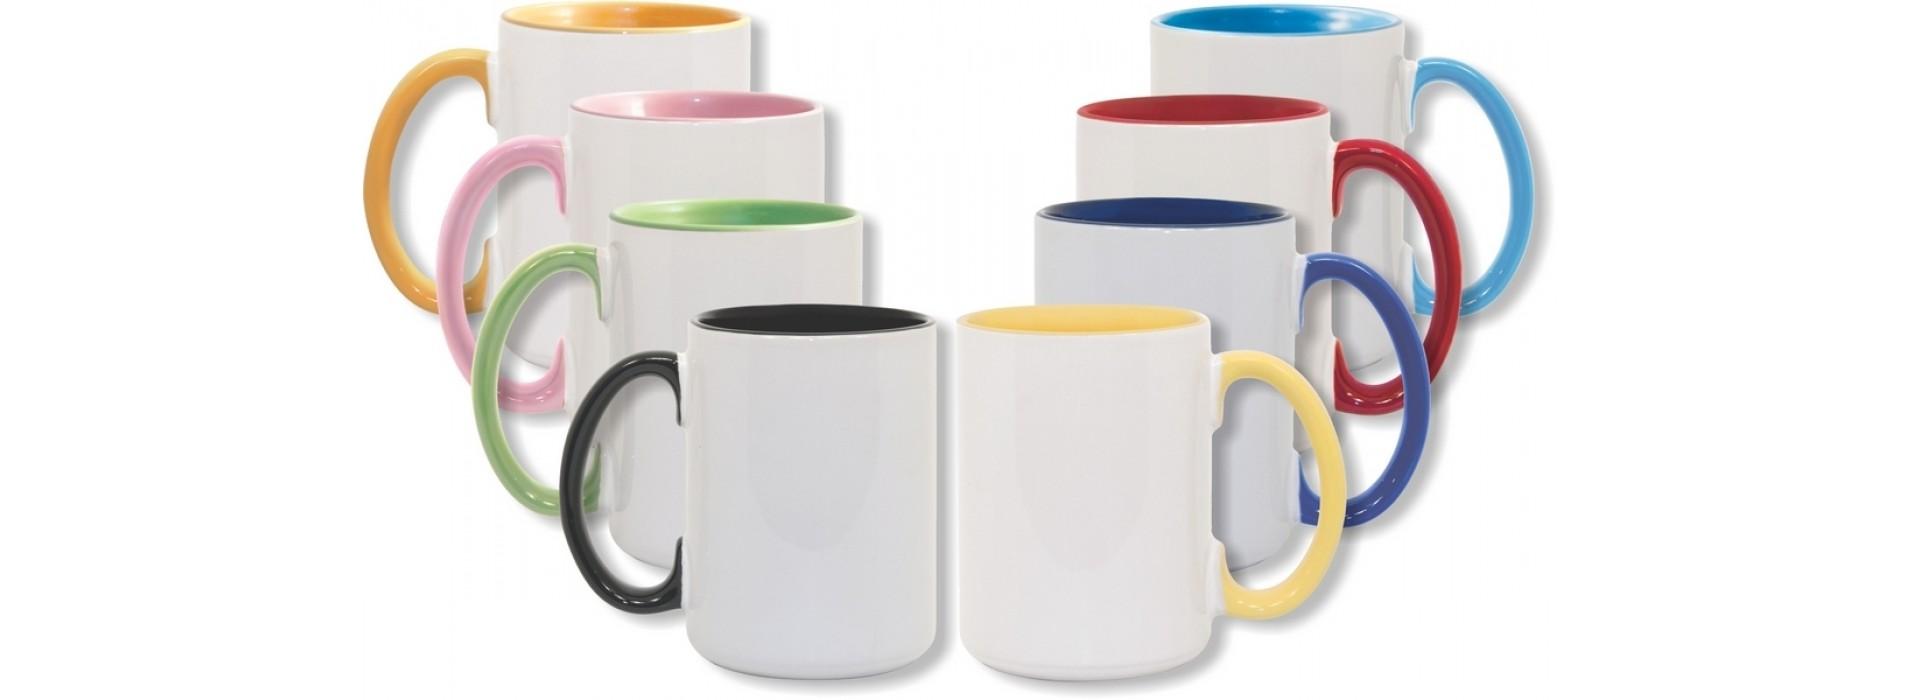 15 oz color mug group